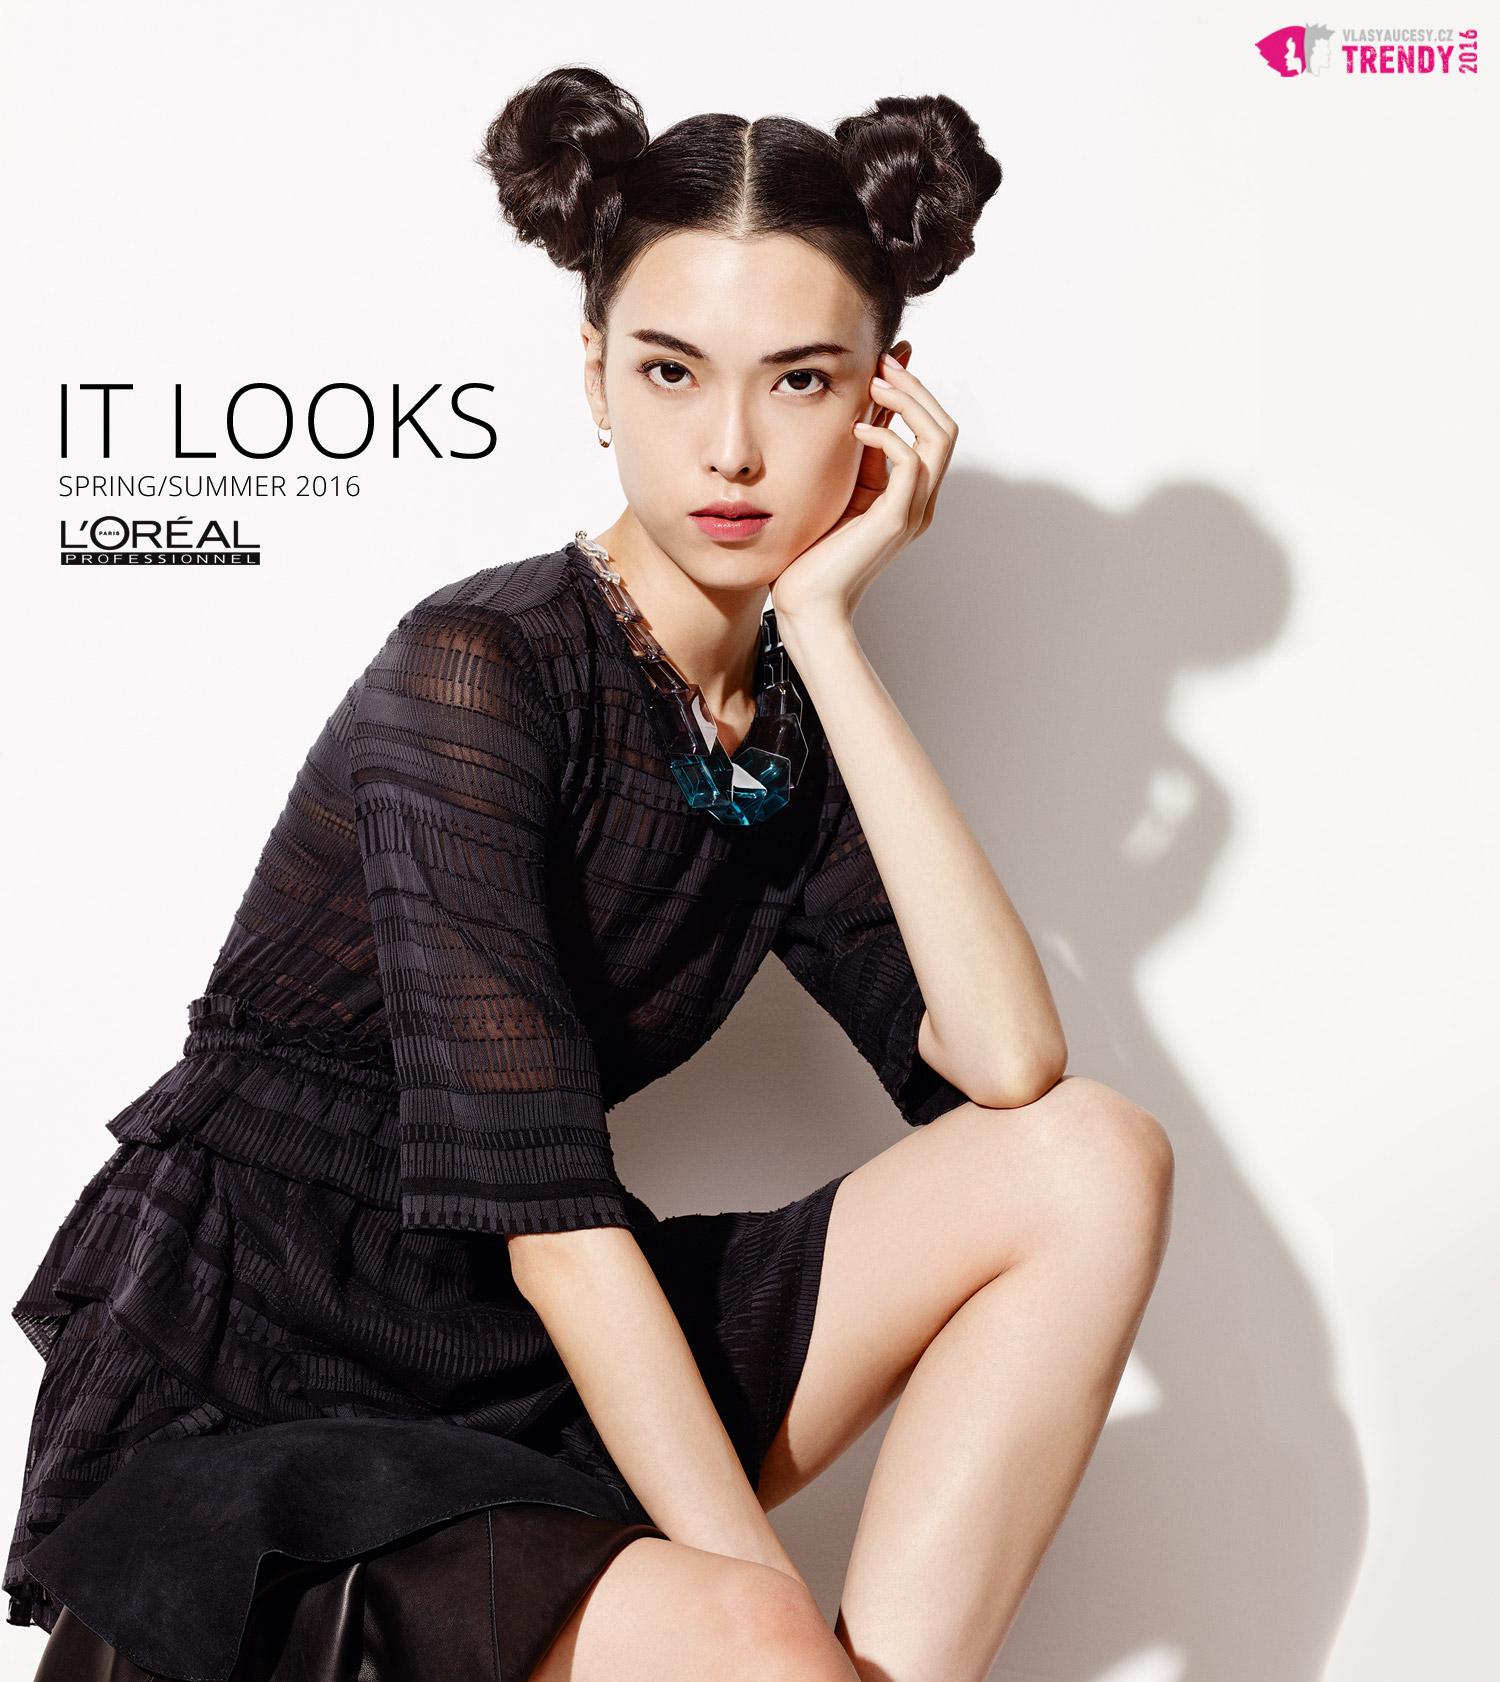 Pletky s vlásky, aneb pletená inspirace v kolekci účesů IT looks SS 2016 Summer Break od L'Oréal Professionnel 2016.